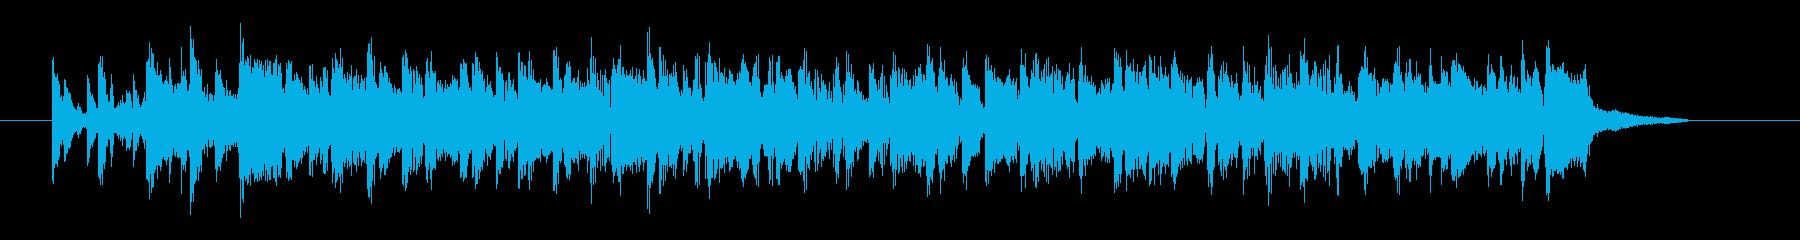 軽やかなサンバ調のシンセ曲の再生済みの波形